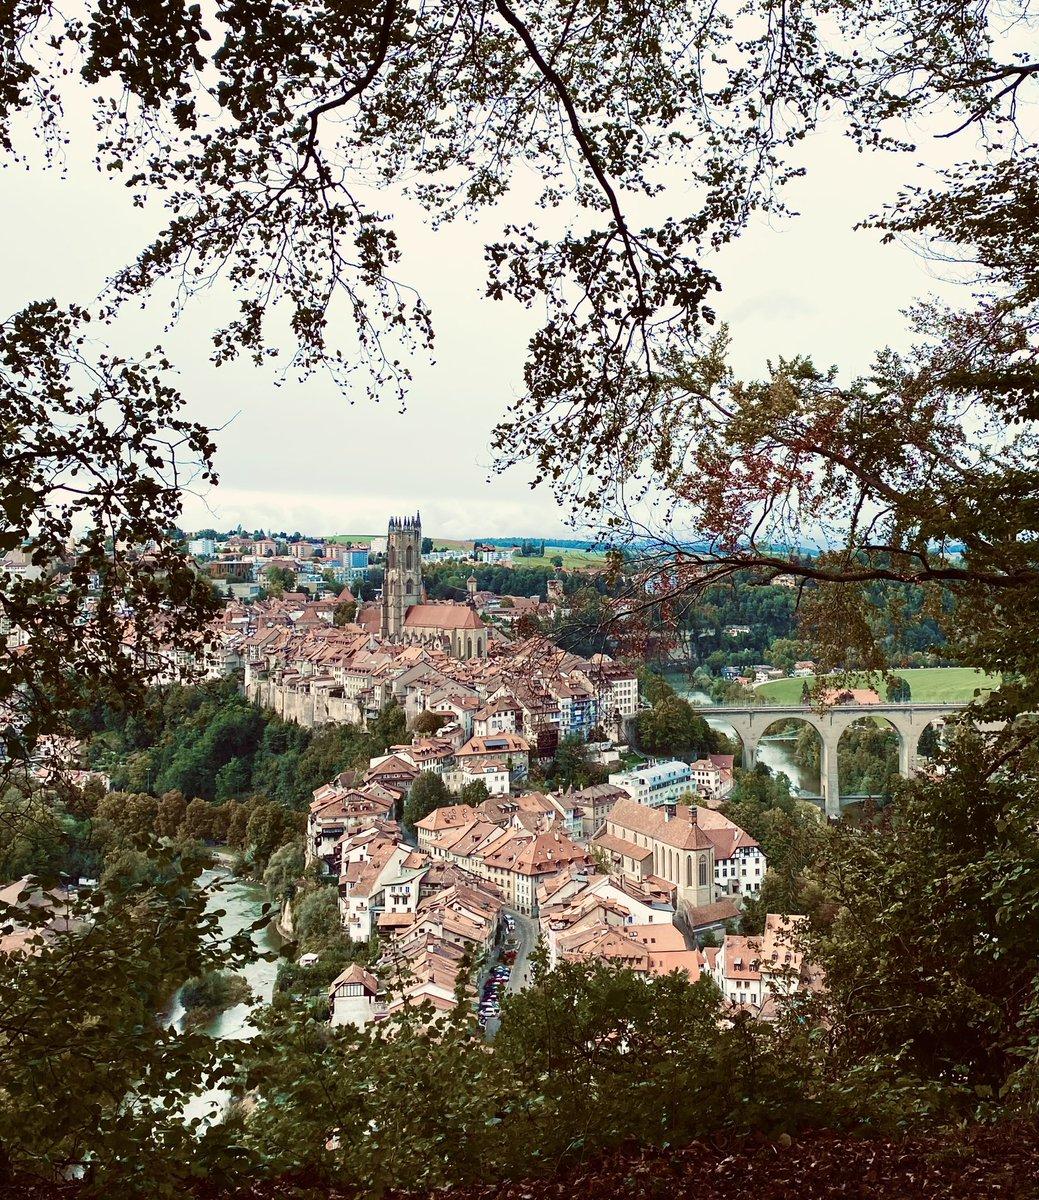 🇨🇭Ville de #Fribourg.  🇩🇪 Stadt #Freiburg.     🇬🇧 City of Fribourg. https://t.co/6JR73EB4hw